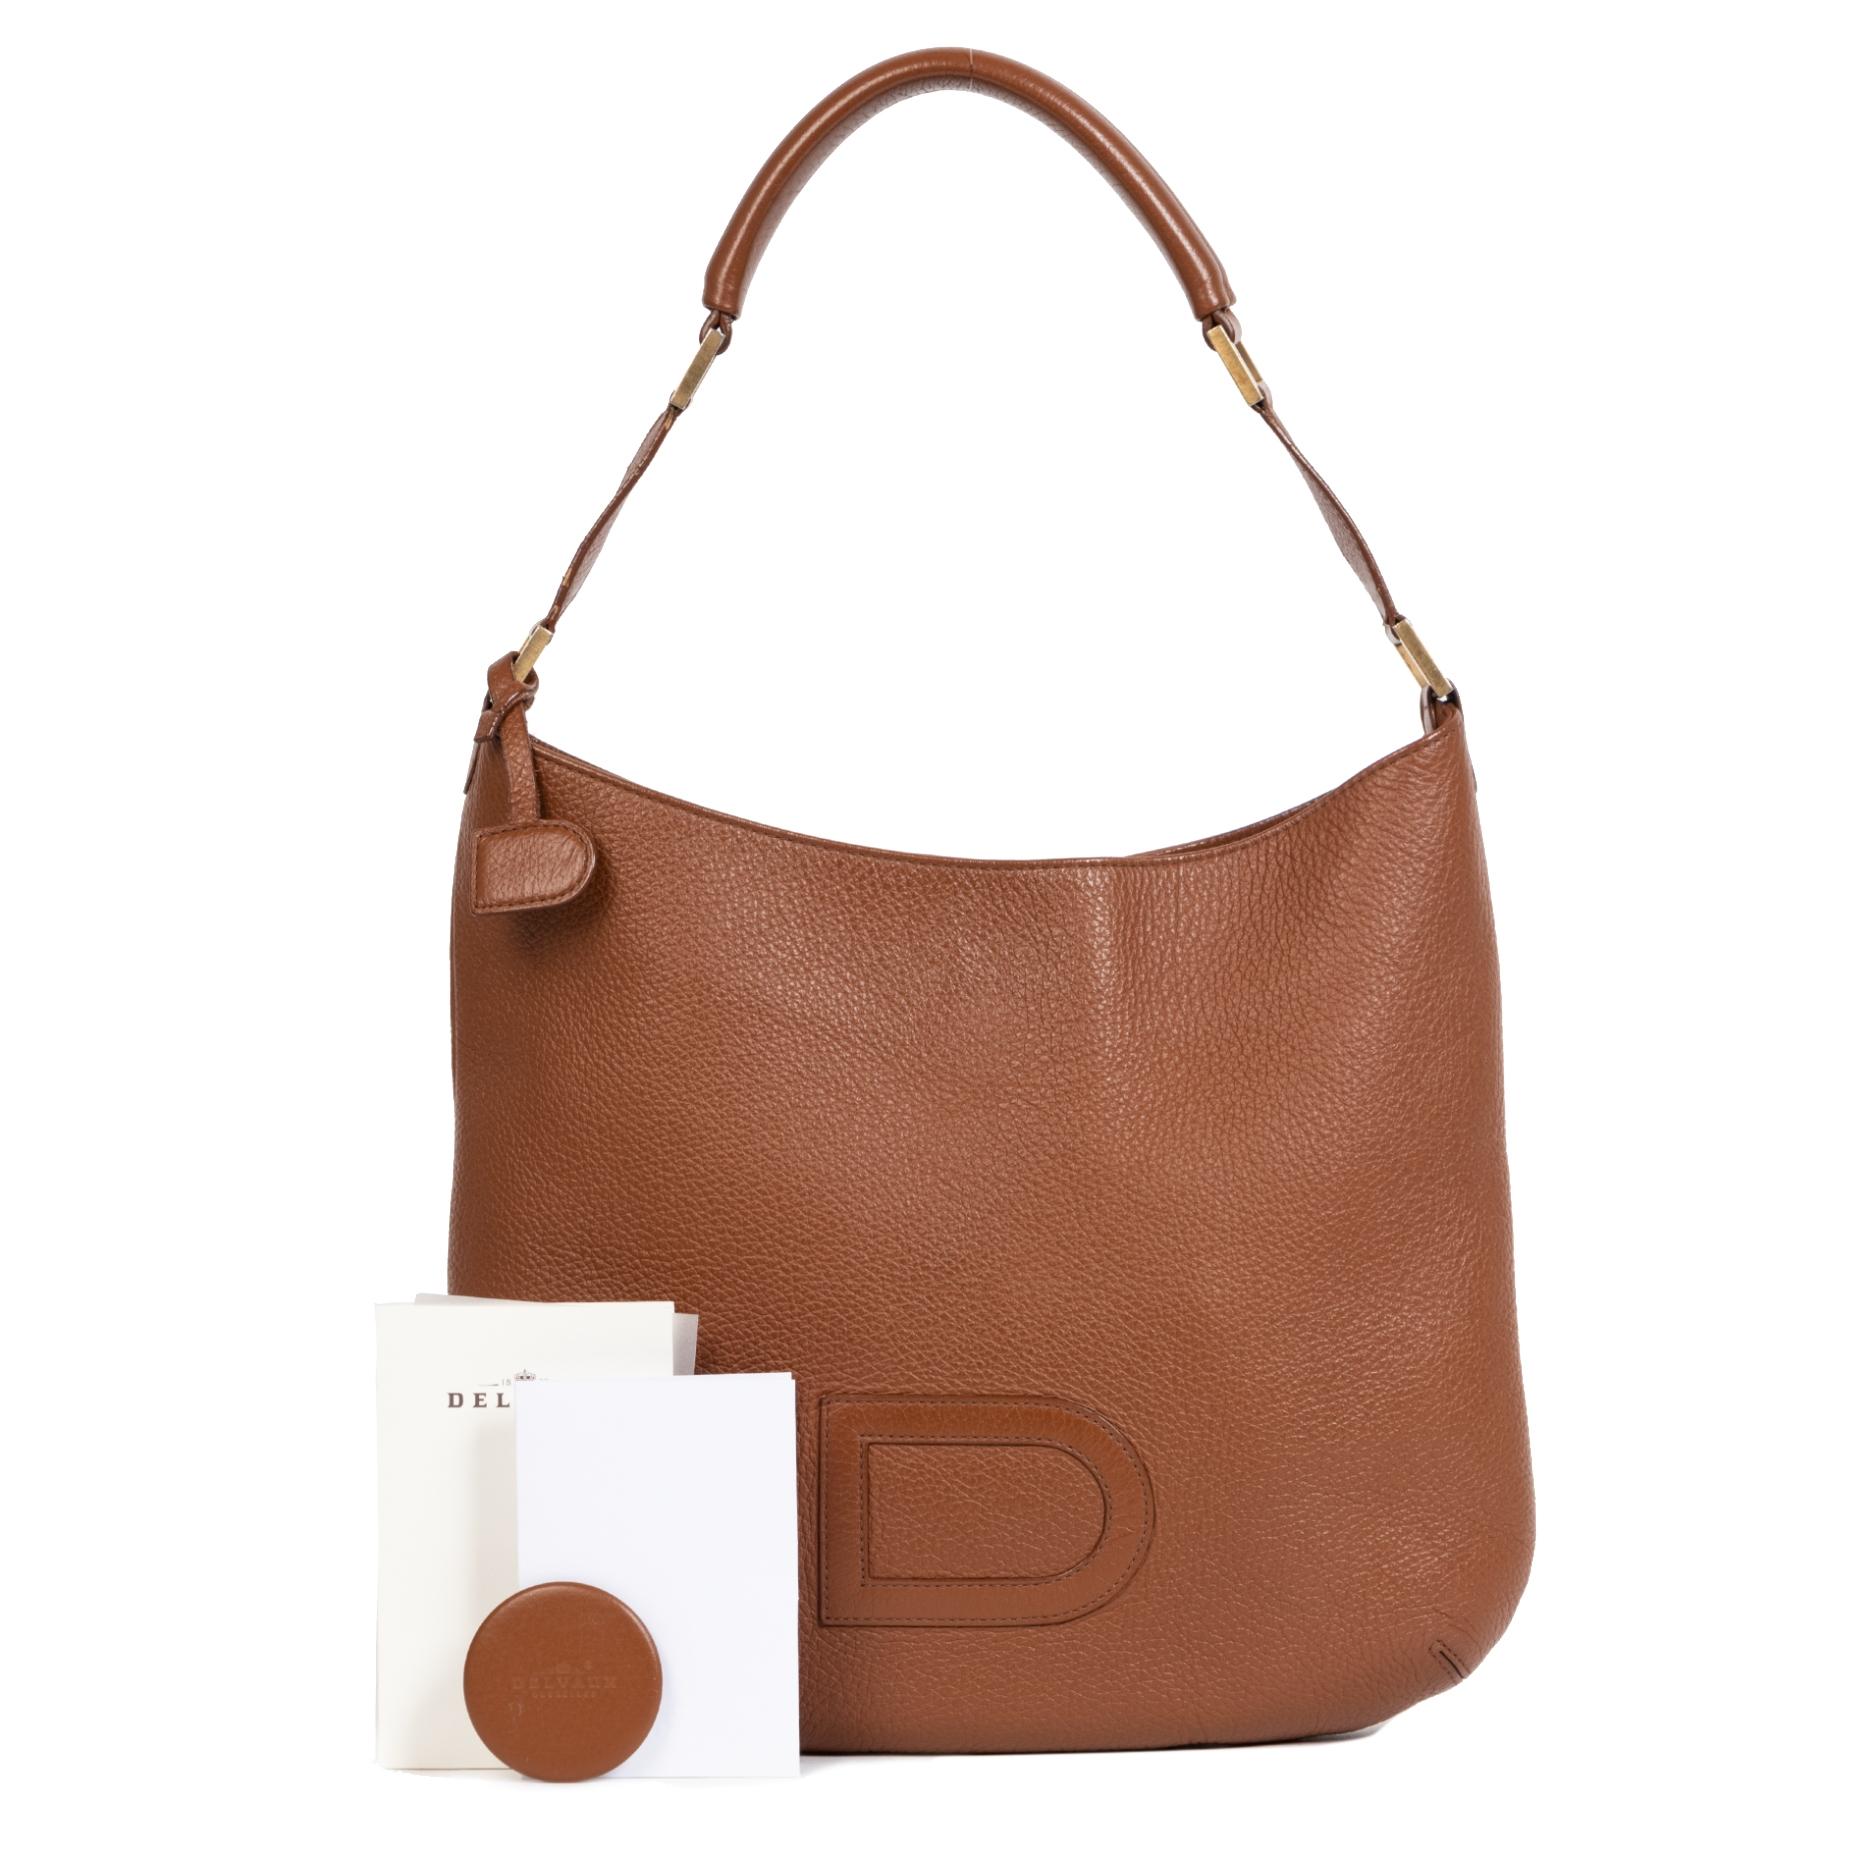 Koop uw authentieke designer handtassen van merken zoals Delvaux veilig en makkelijk bij Labellov tweedehands luxe